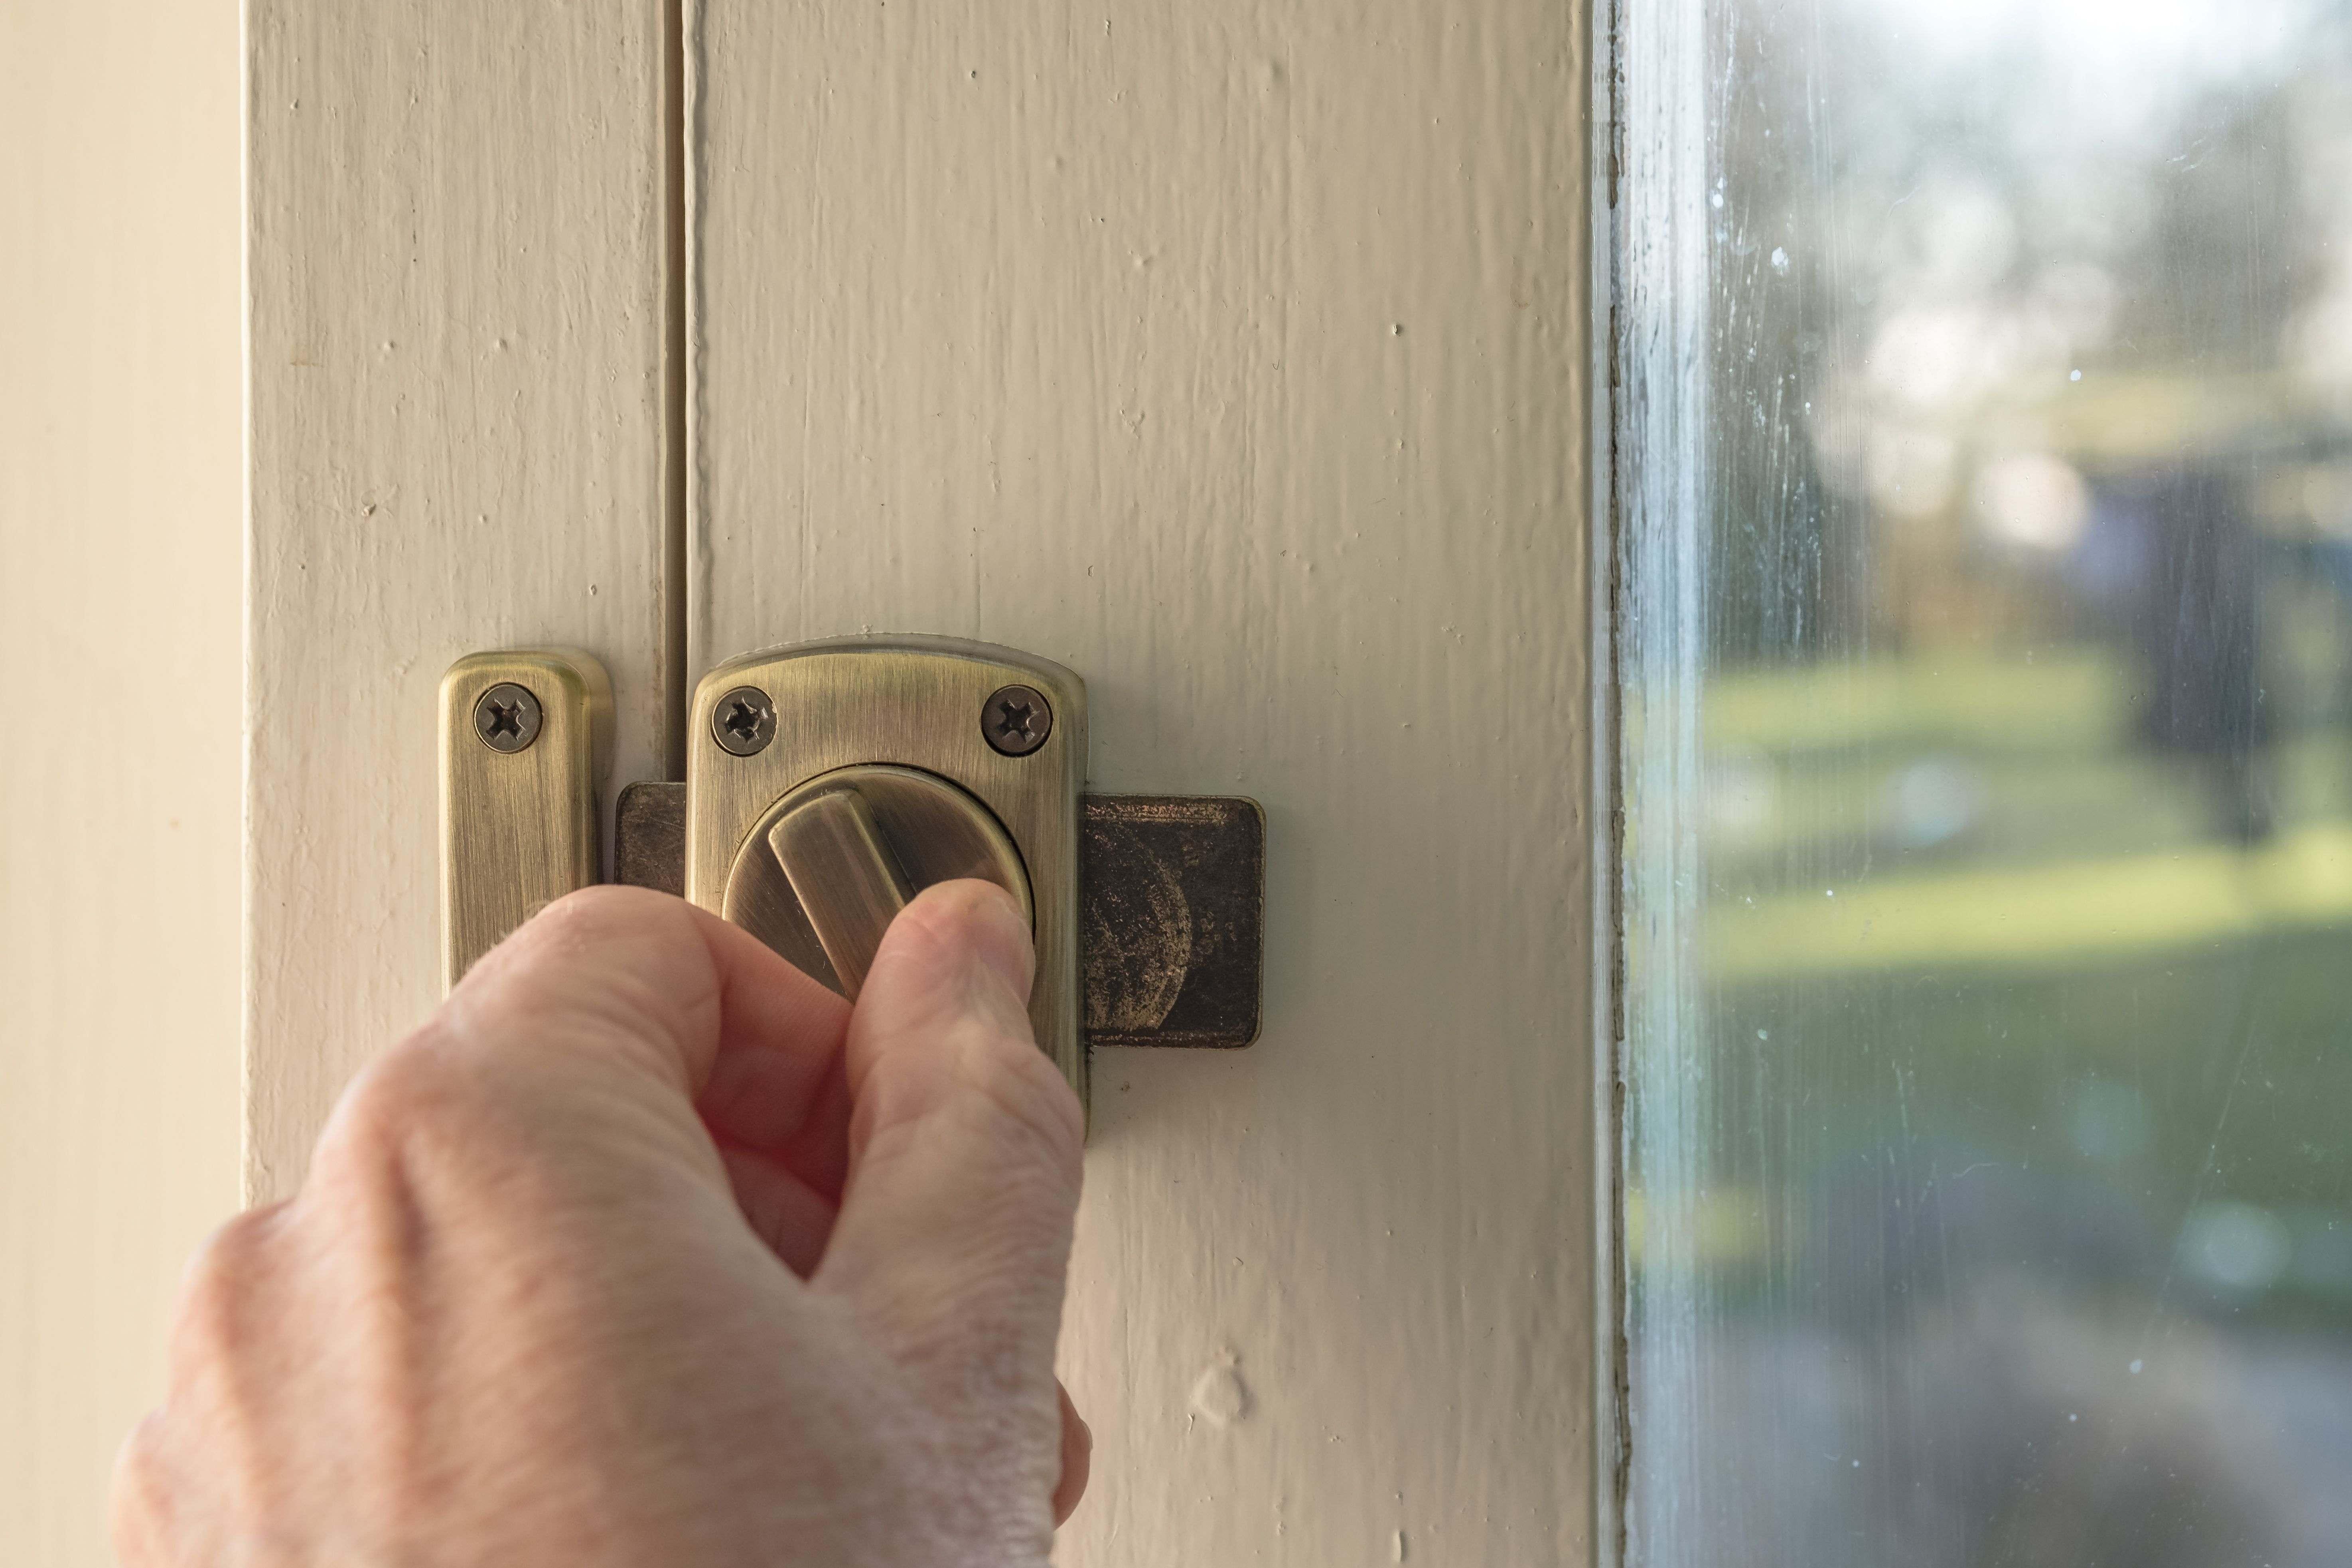 Come scegliere una serratura da applicare